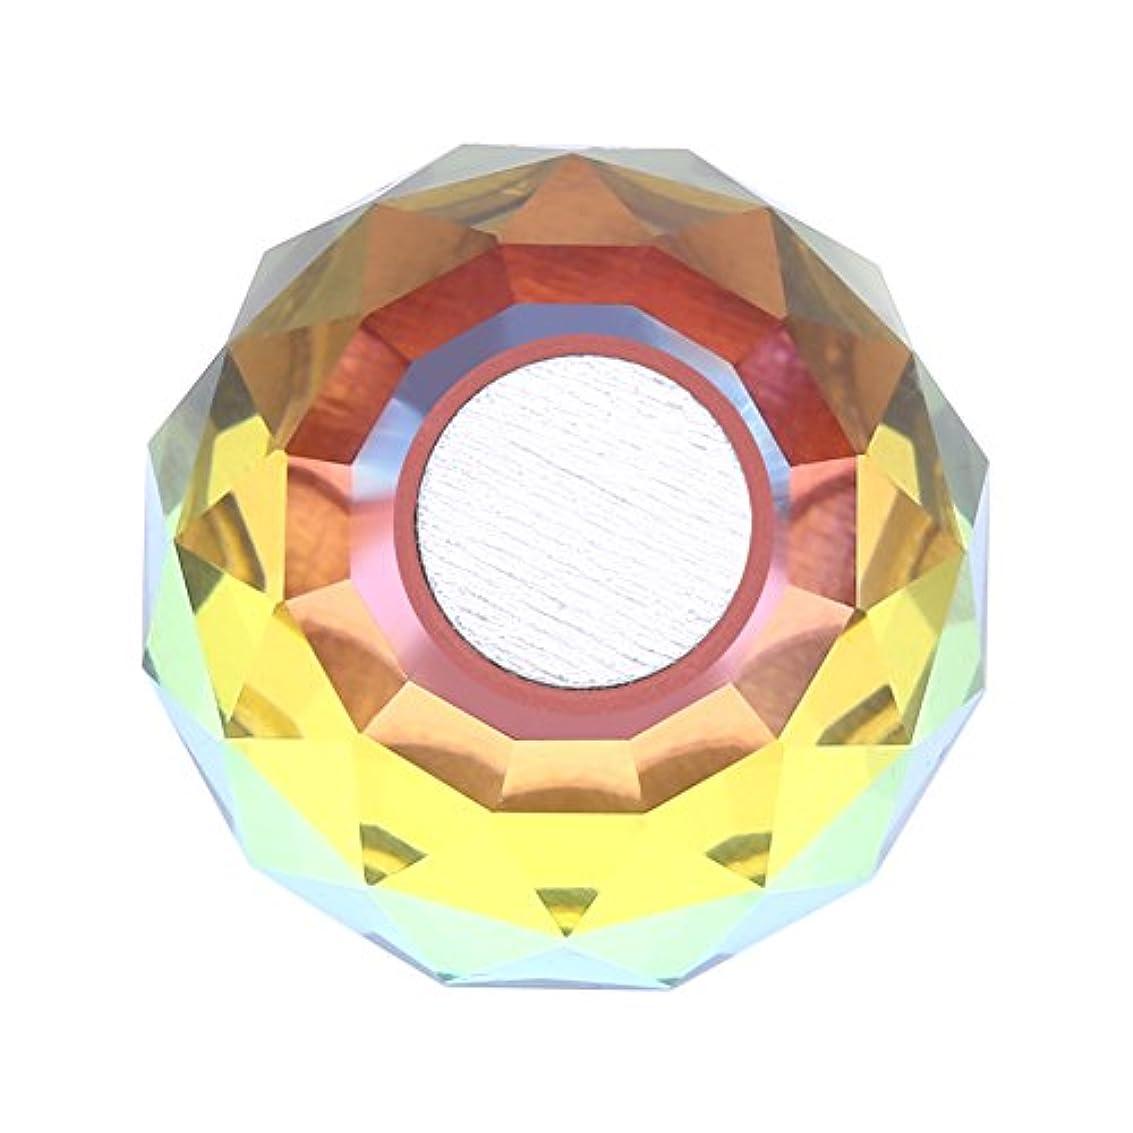 栄養ホストホームレス磁気ネイルチップスタンドホルダー サロンDIYと実践マニキュアのための合金ネイルアートディスプレイチップホルダー(1)